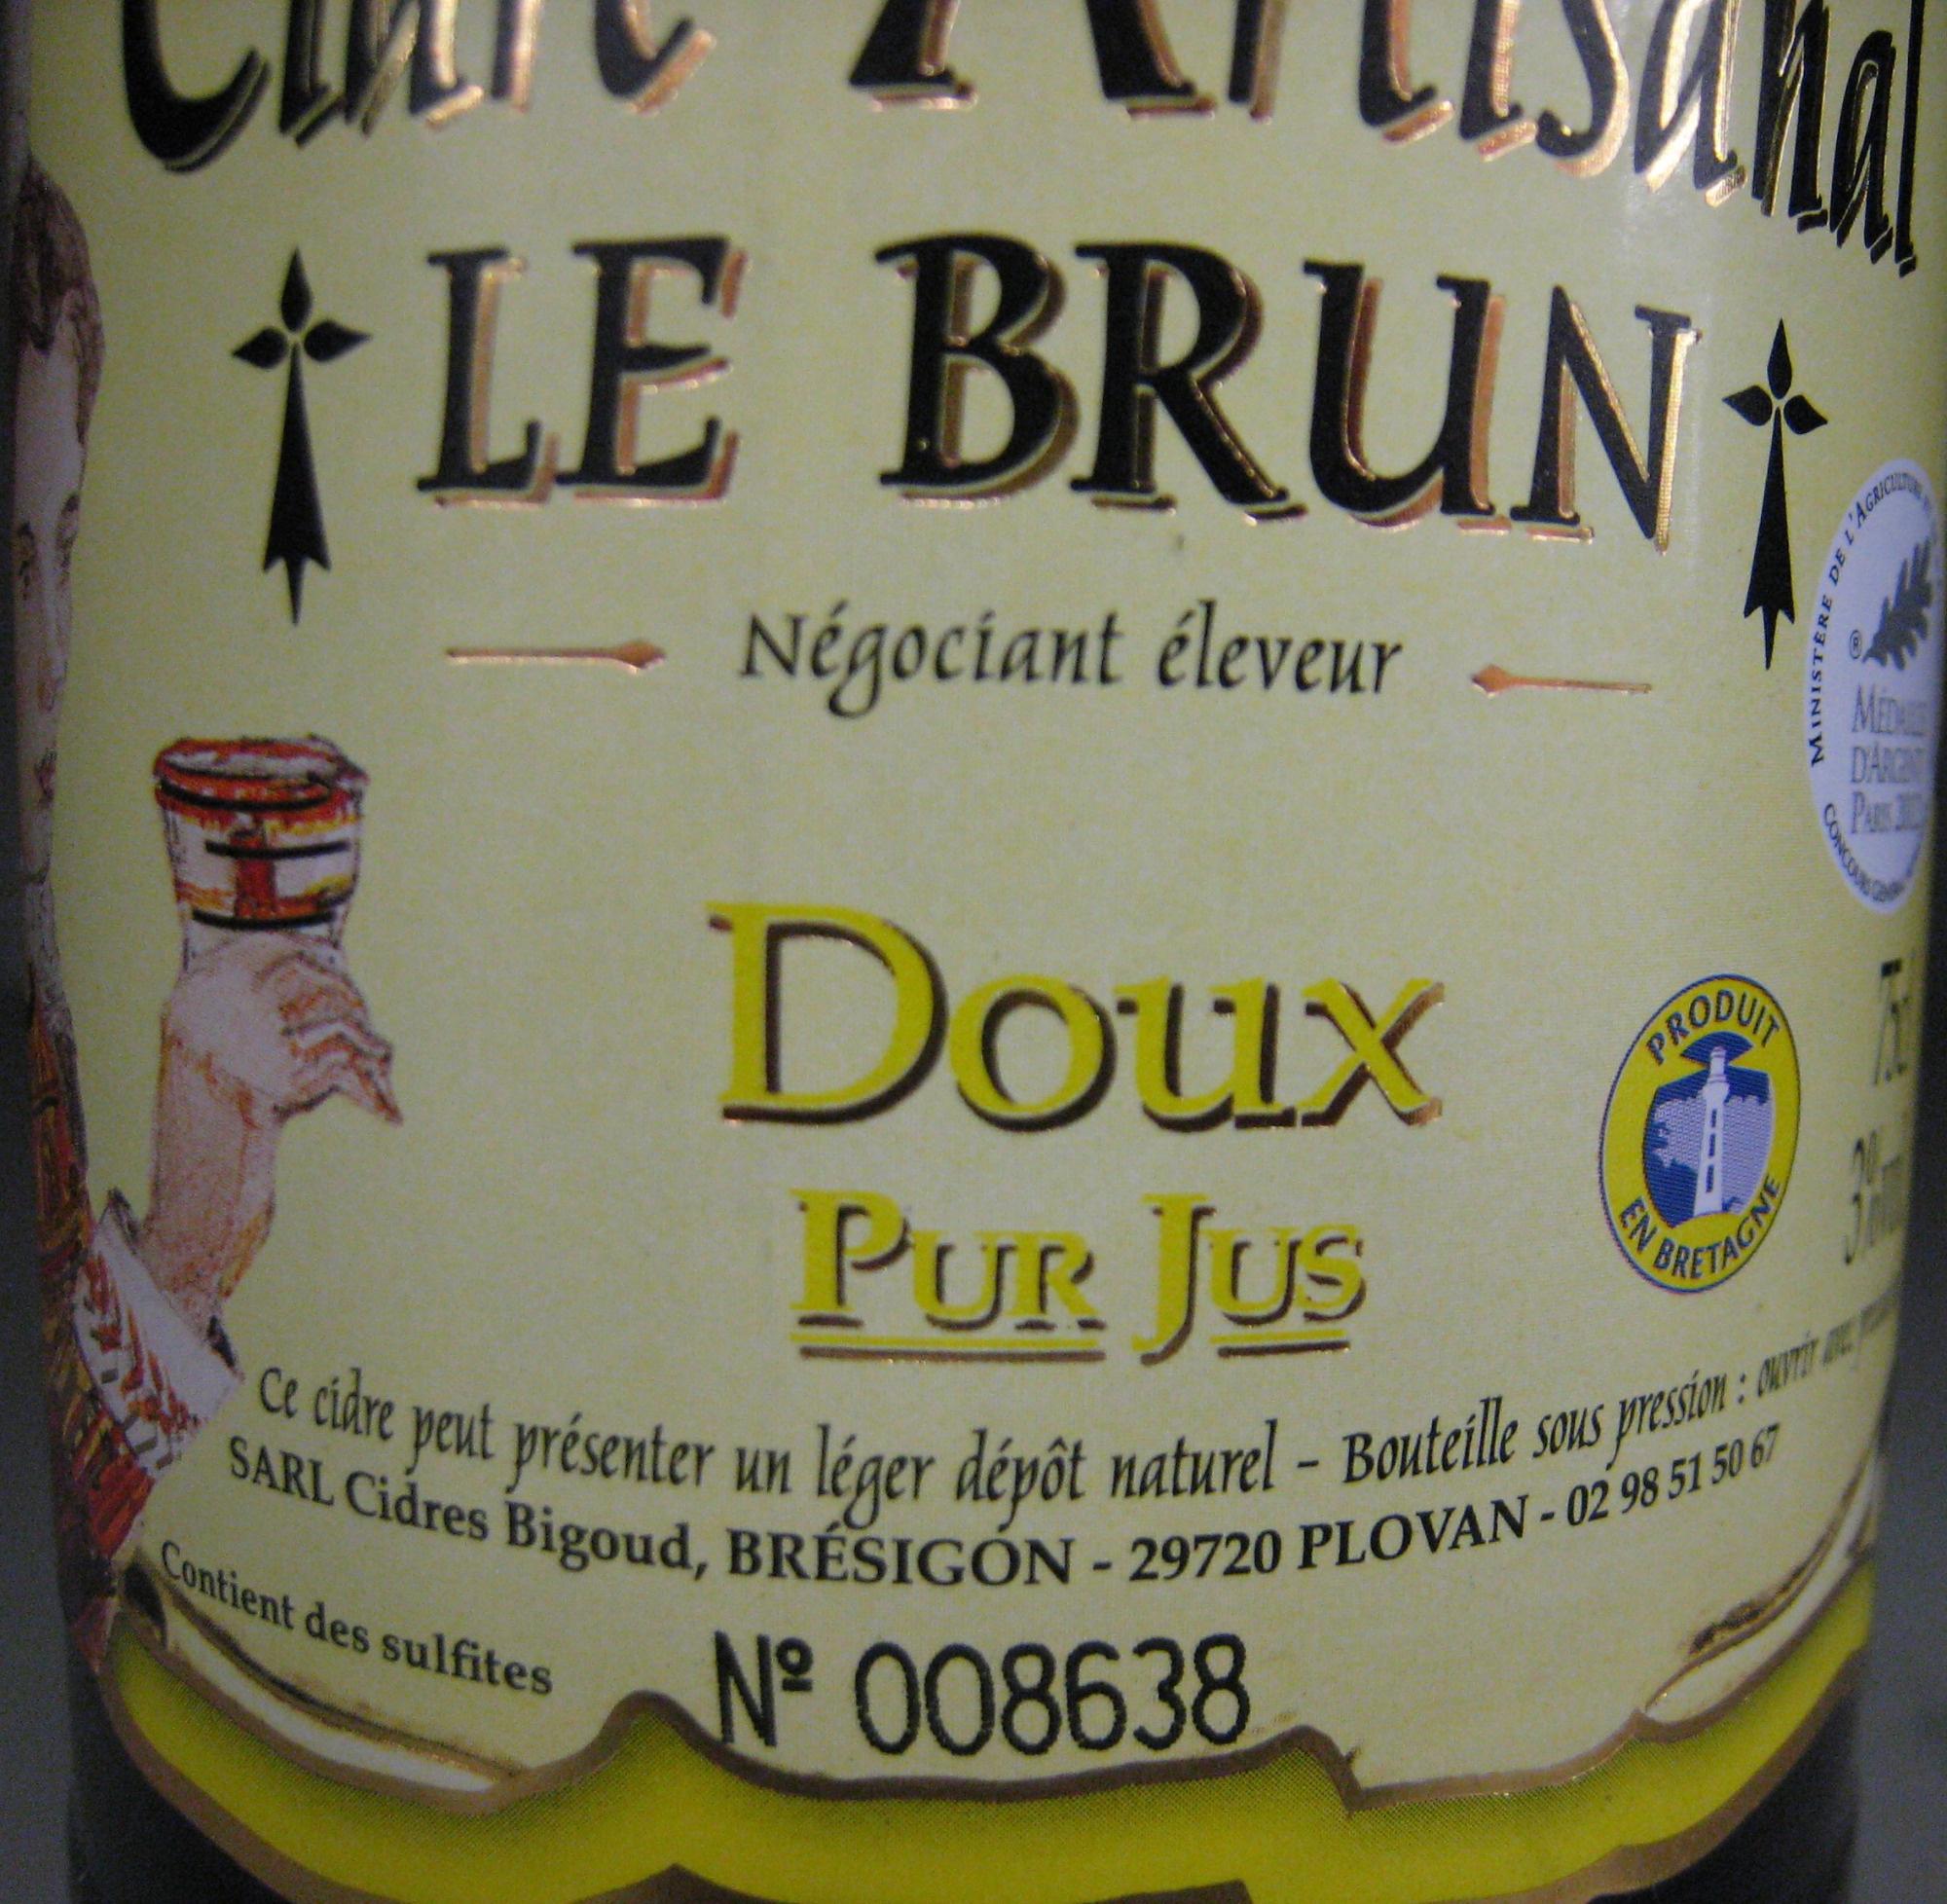 Cidre Artisanal doux Le Brun - Ingredients - fr